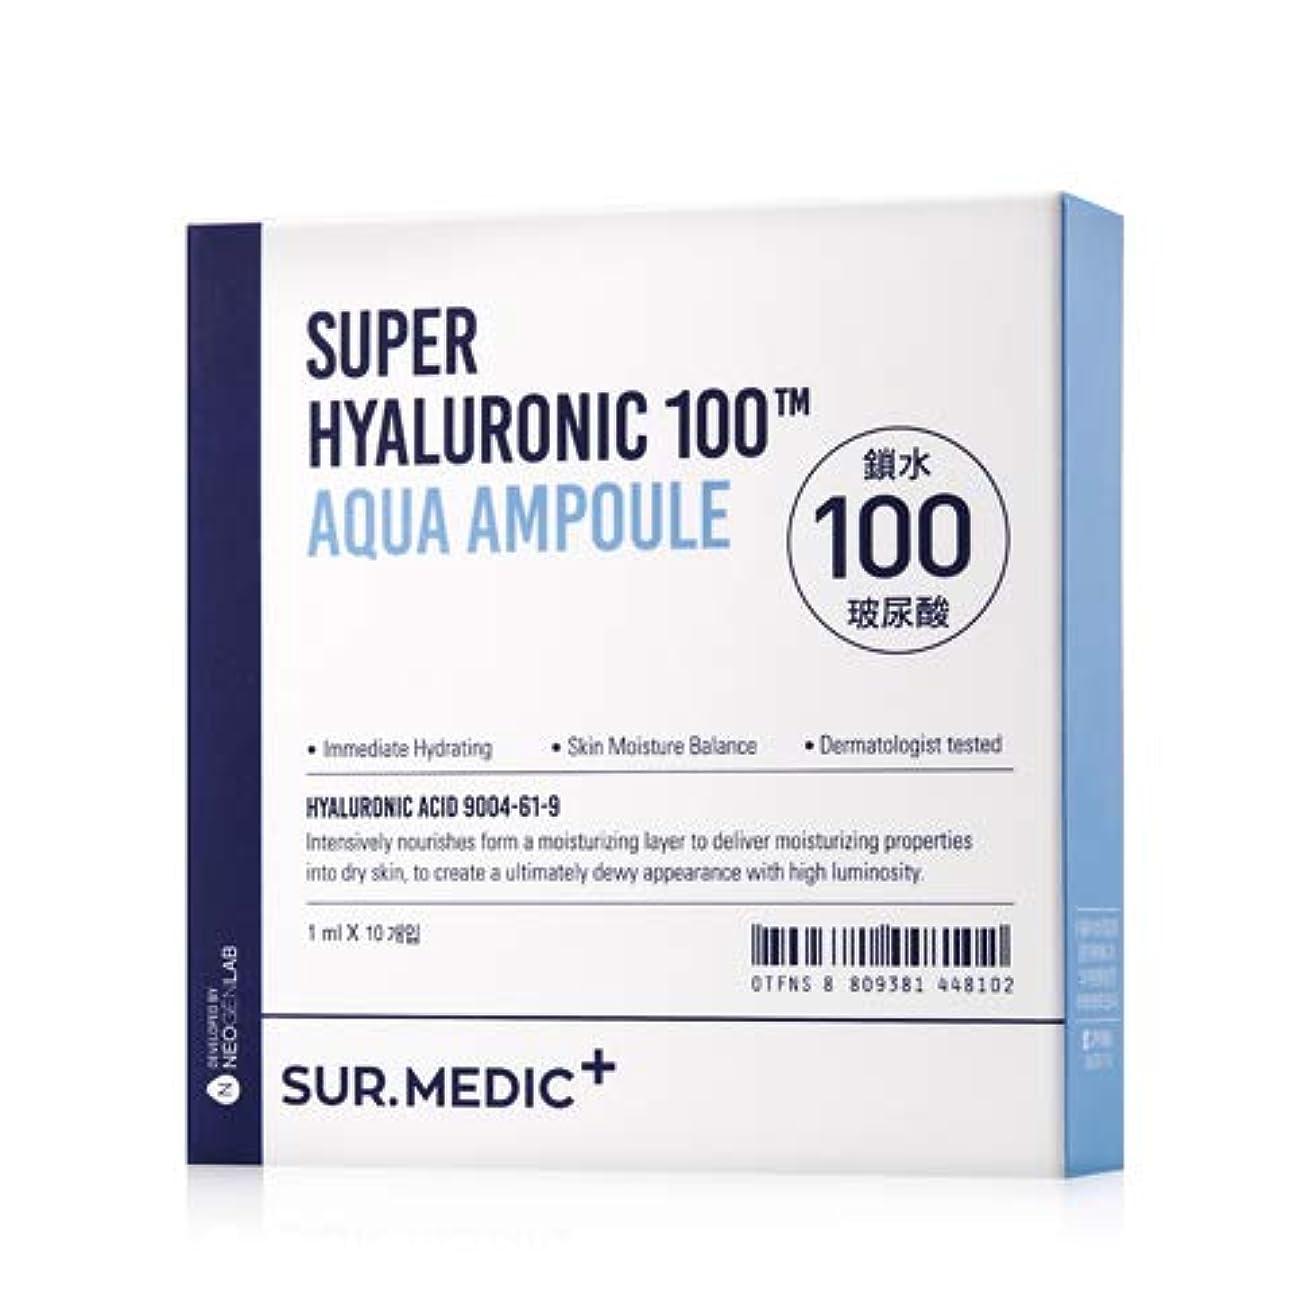 ジェームズダイソン役に立たない学校の先生SUR.MEDIC スーパーヒアルロン酸100アクアアンプル1mlx10EA / Super Hyaluronic 100 Aqua Ampoule